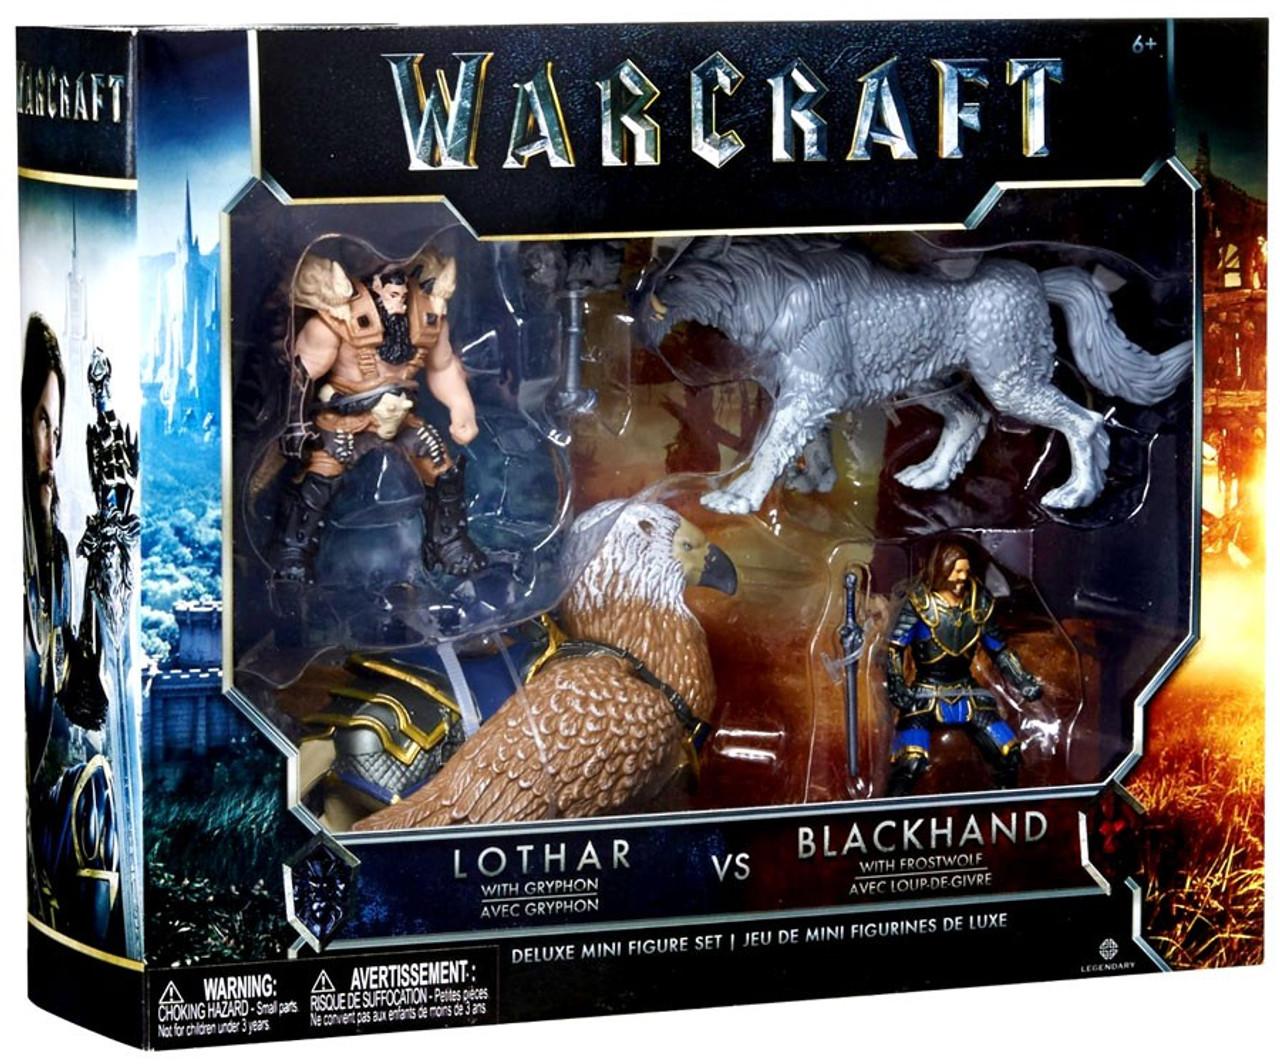 Warcraft Lothar avec Gryphon VS noire avec givre Deluxe Mini Figure Set